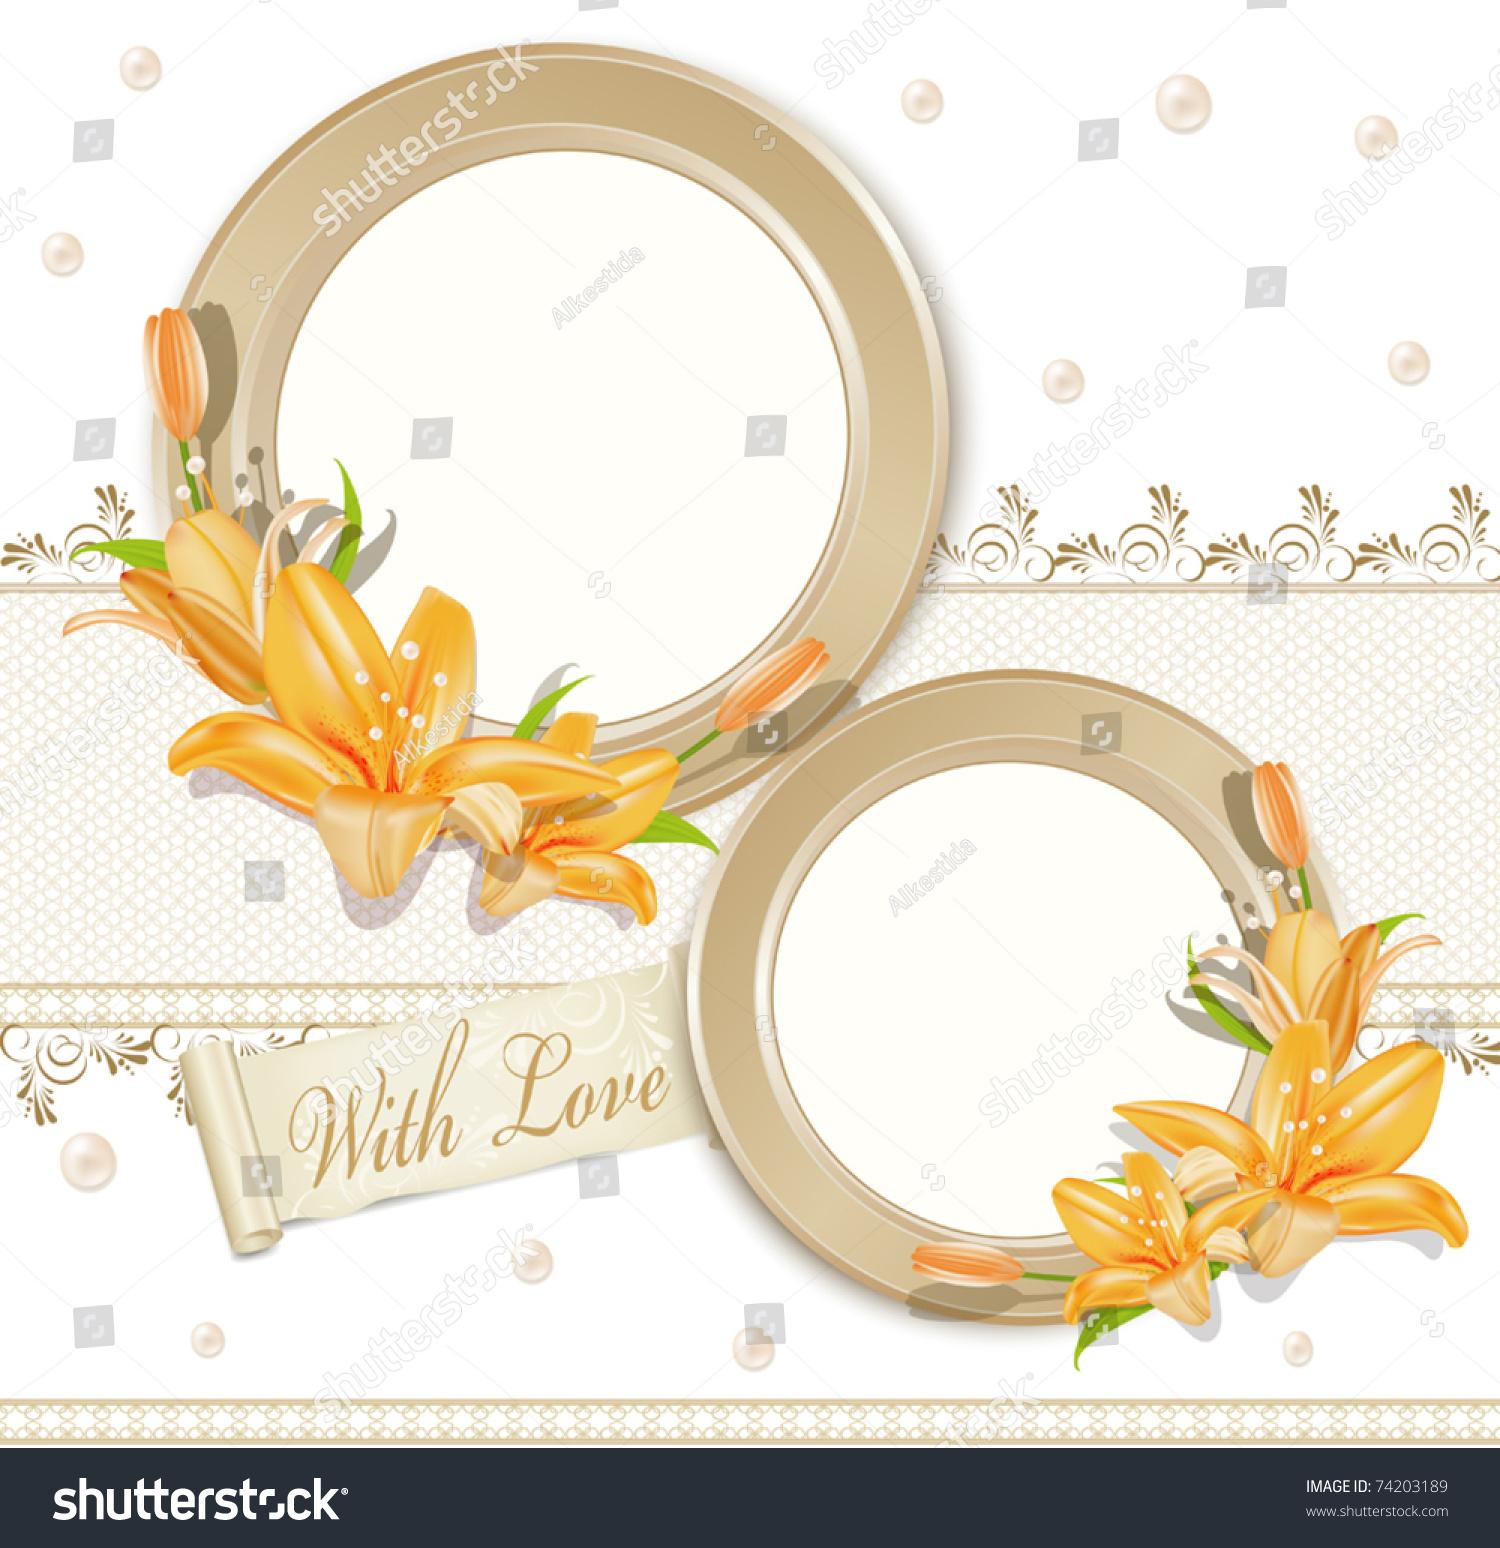 Vector Background Two Circular Photo Frames Stock Vector (Royalty ...